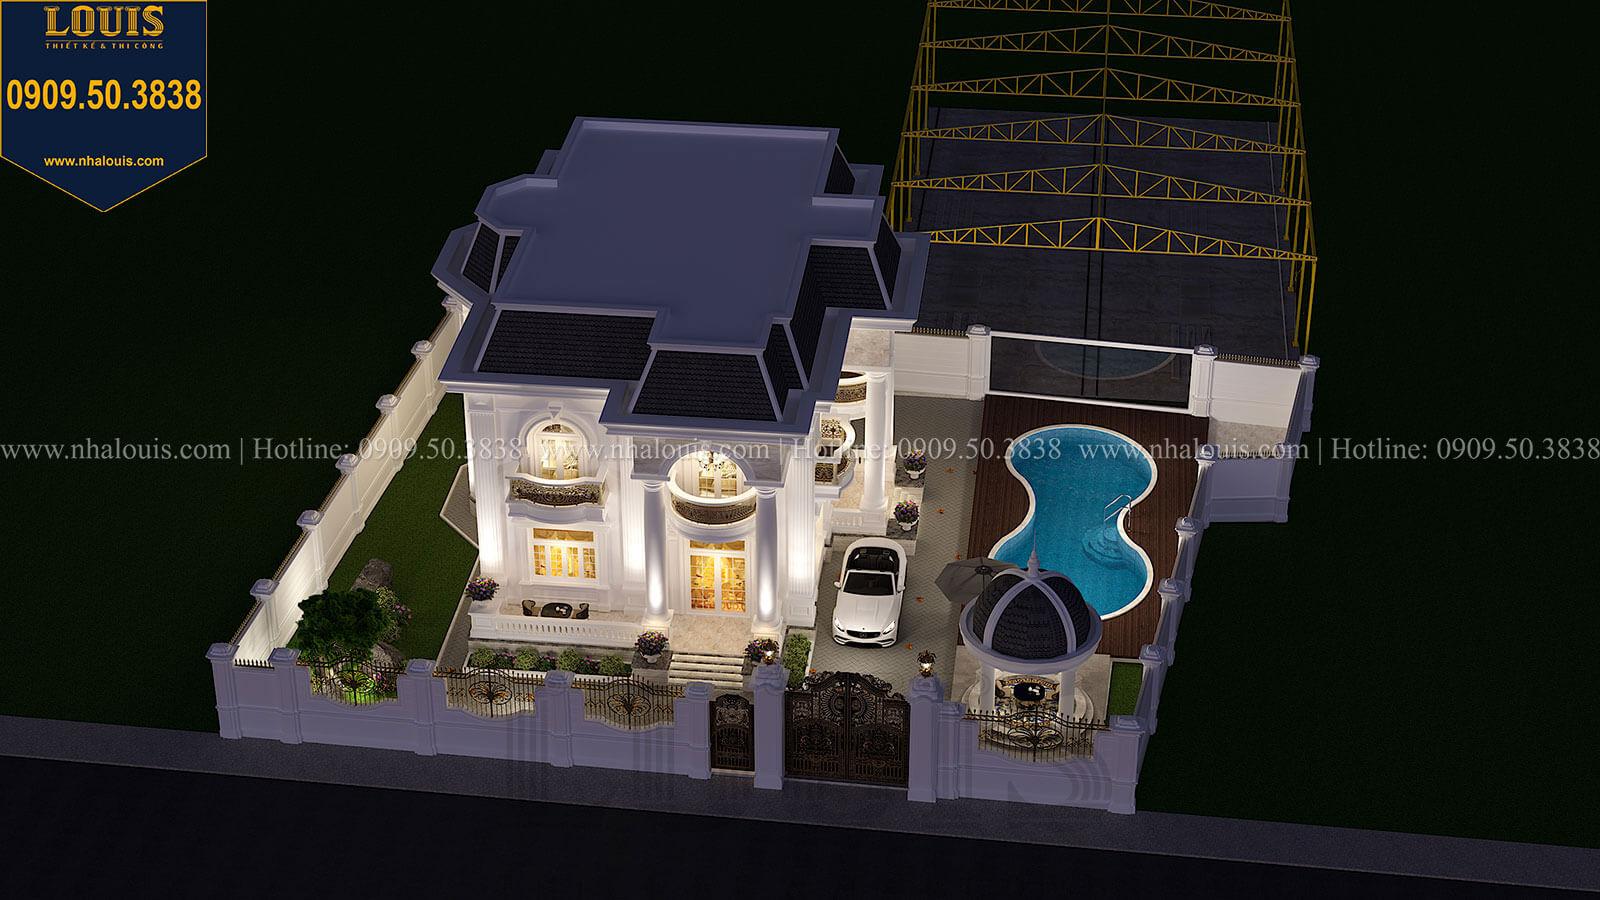 Mặt tiền Biệt thự 1 trệt 1 lầu tân cổ điển đẹp trang nhã tại Tiền Giang - 08